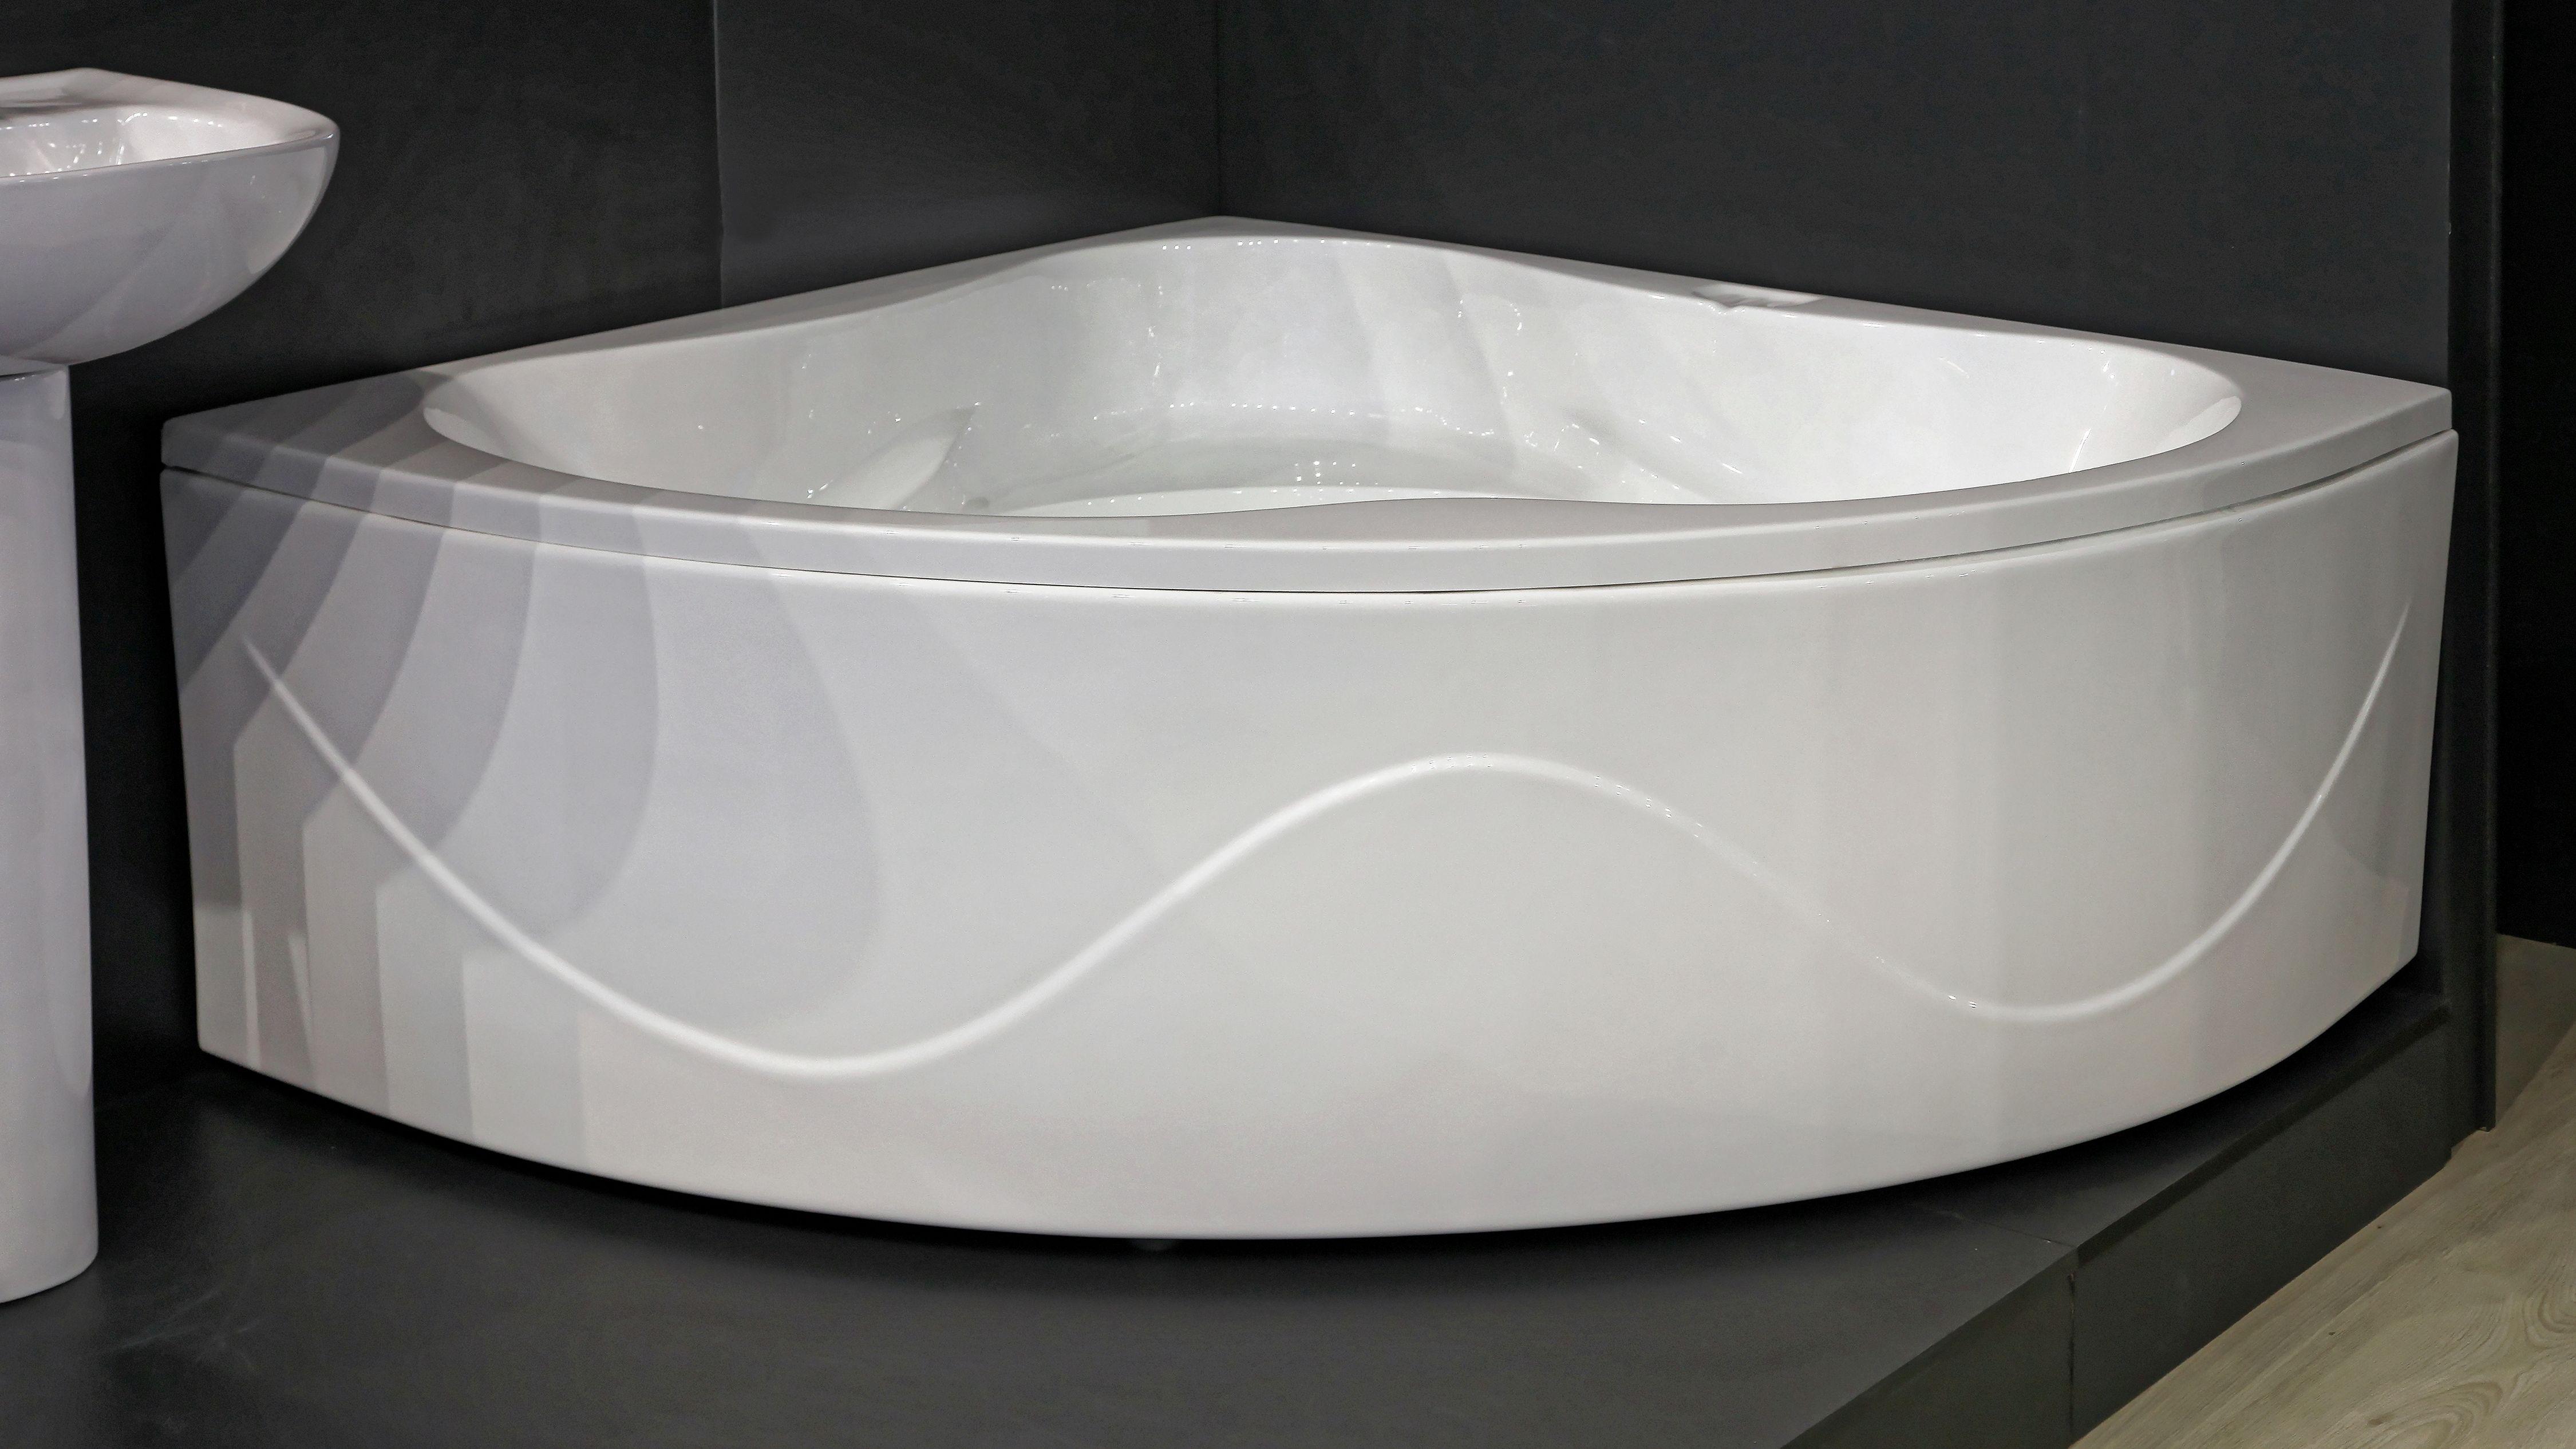 Cómo elegir el faldón para una bañera